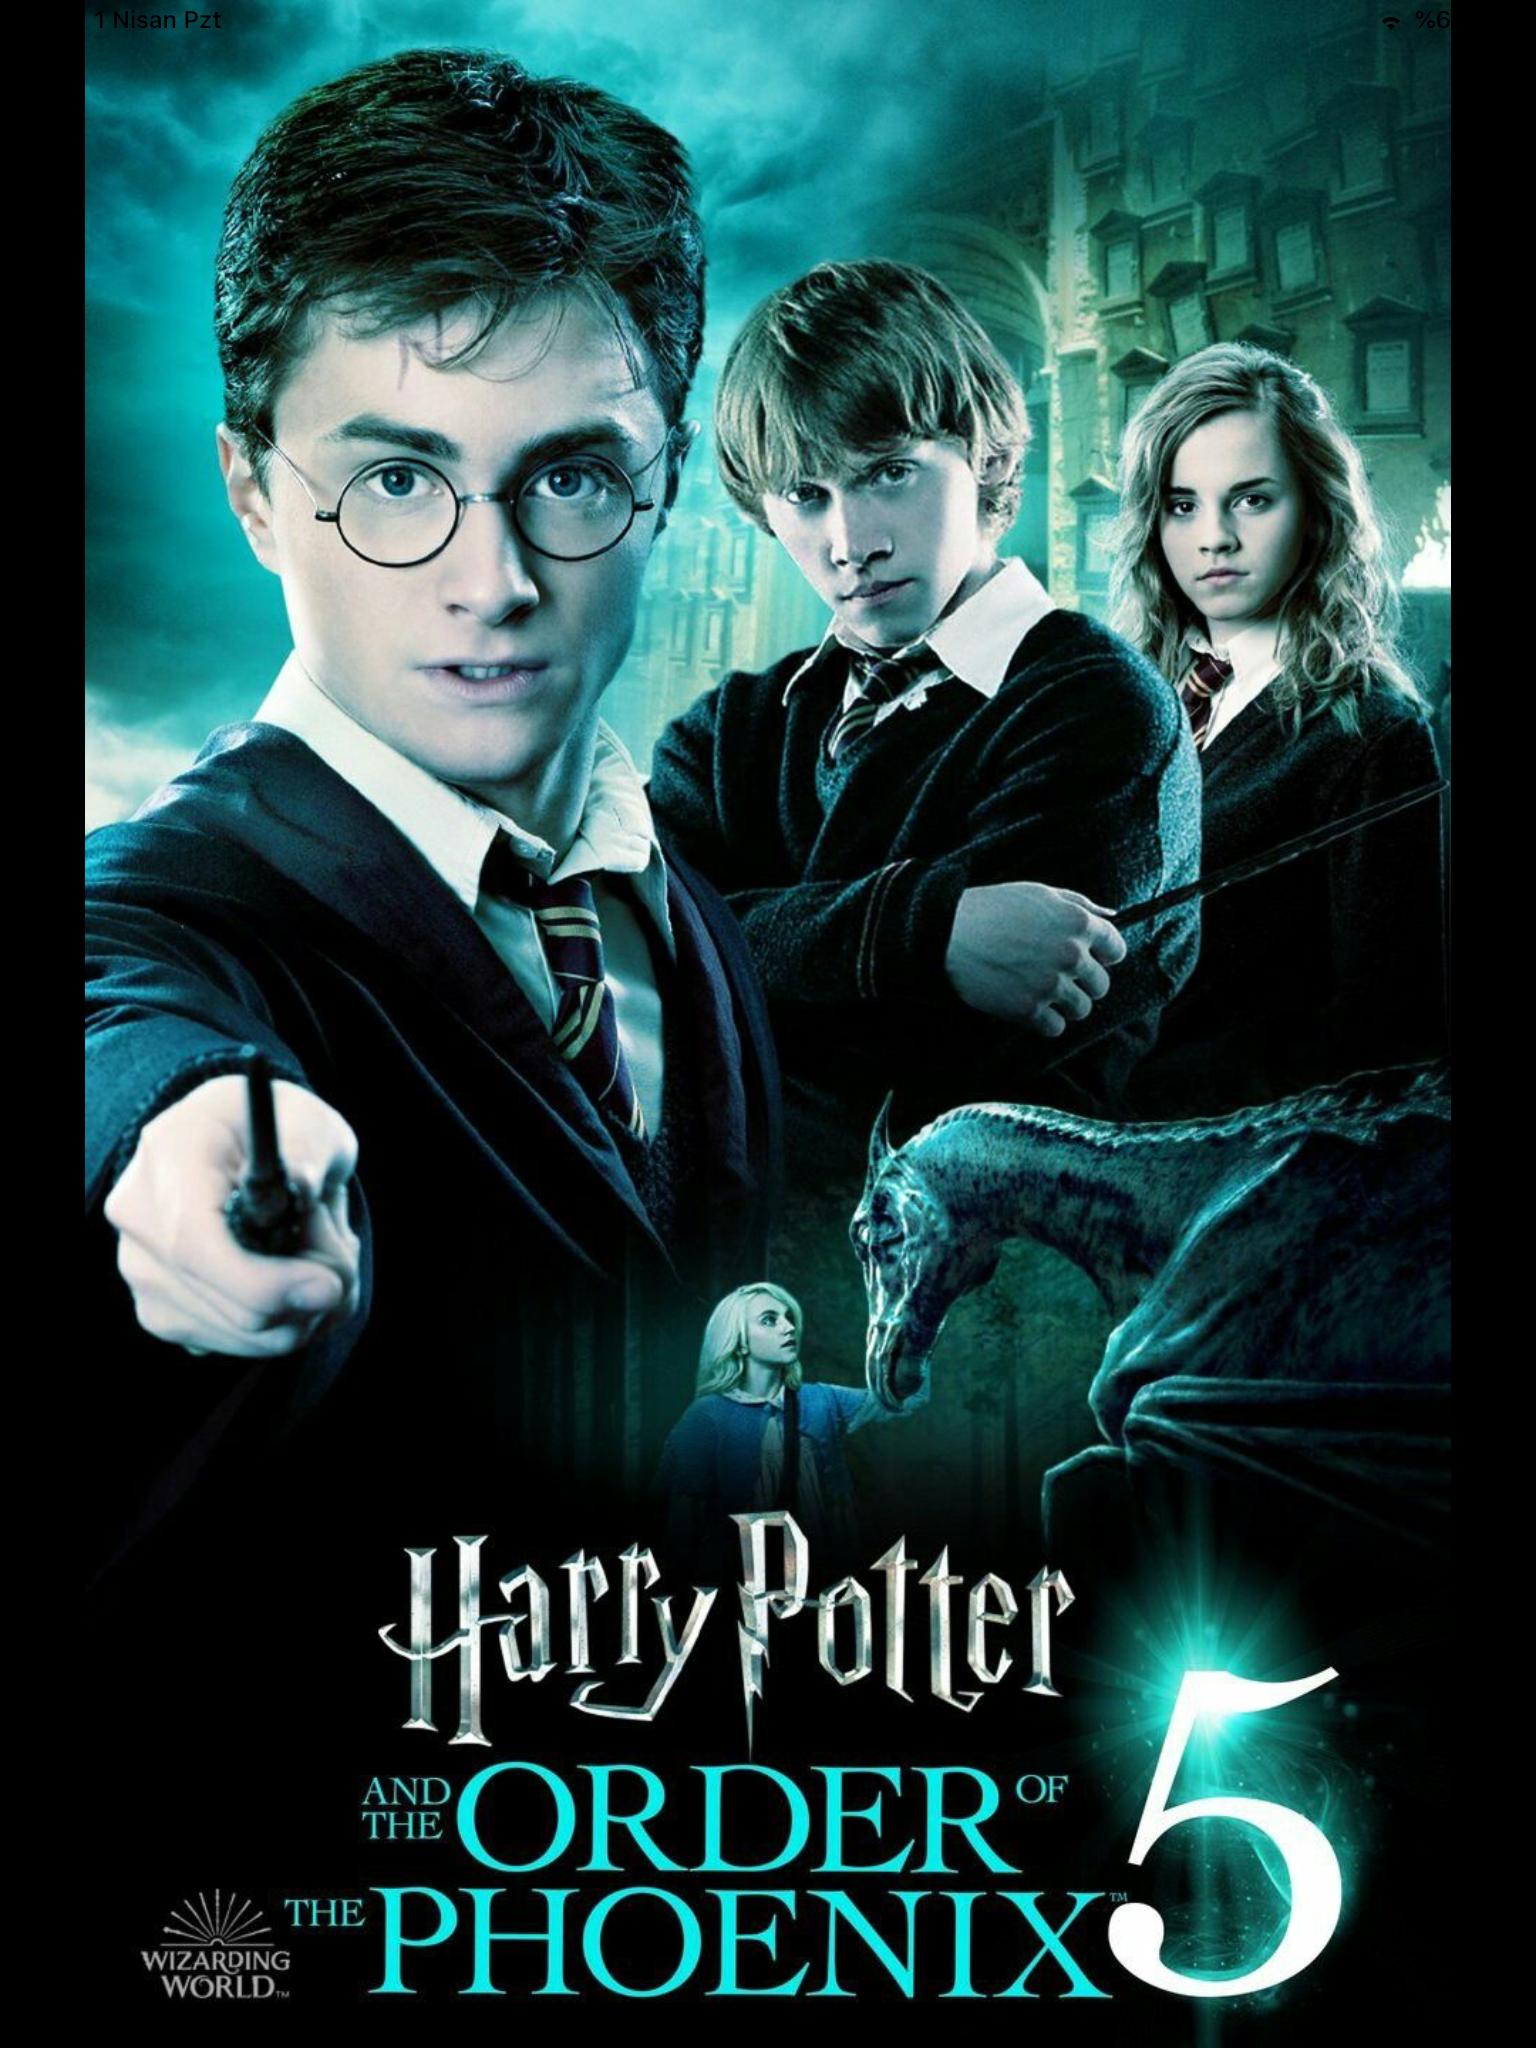 Harry Potter Et Le Prisonnier D Azkaban Film Harry Potter Et Le Prisonnier D Azkaban 2004 Harrypotterwallpaper Harry Potter Films Harry Potter Pictures Harry Potter Movies